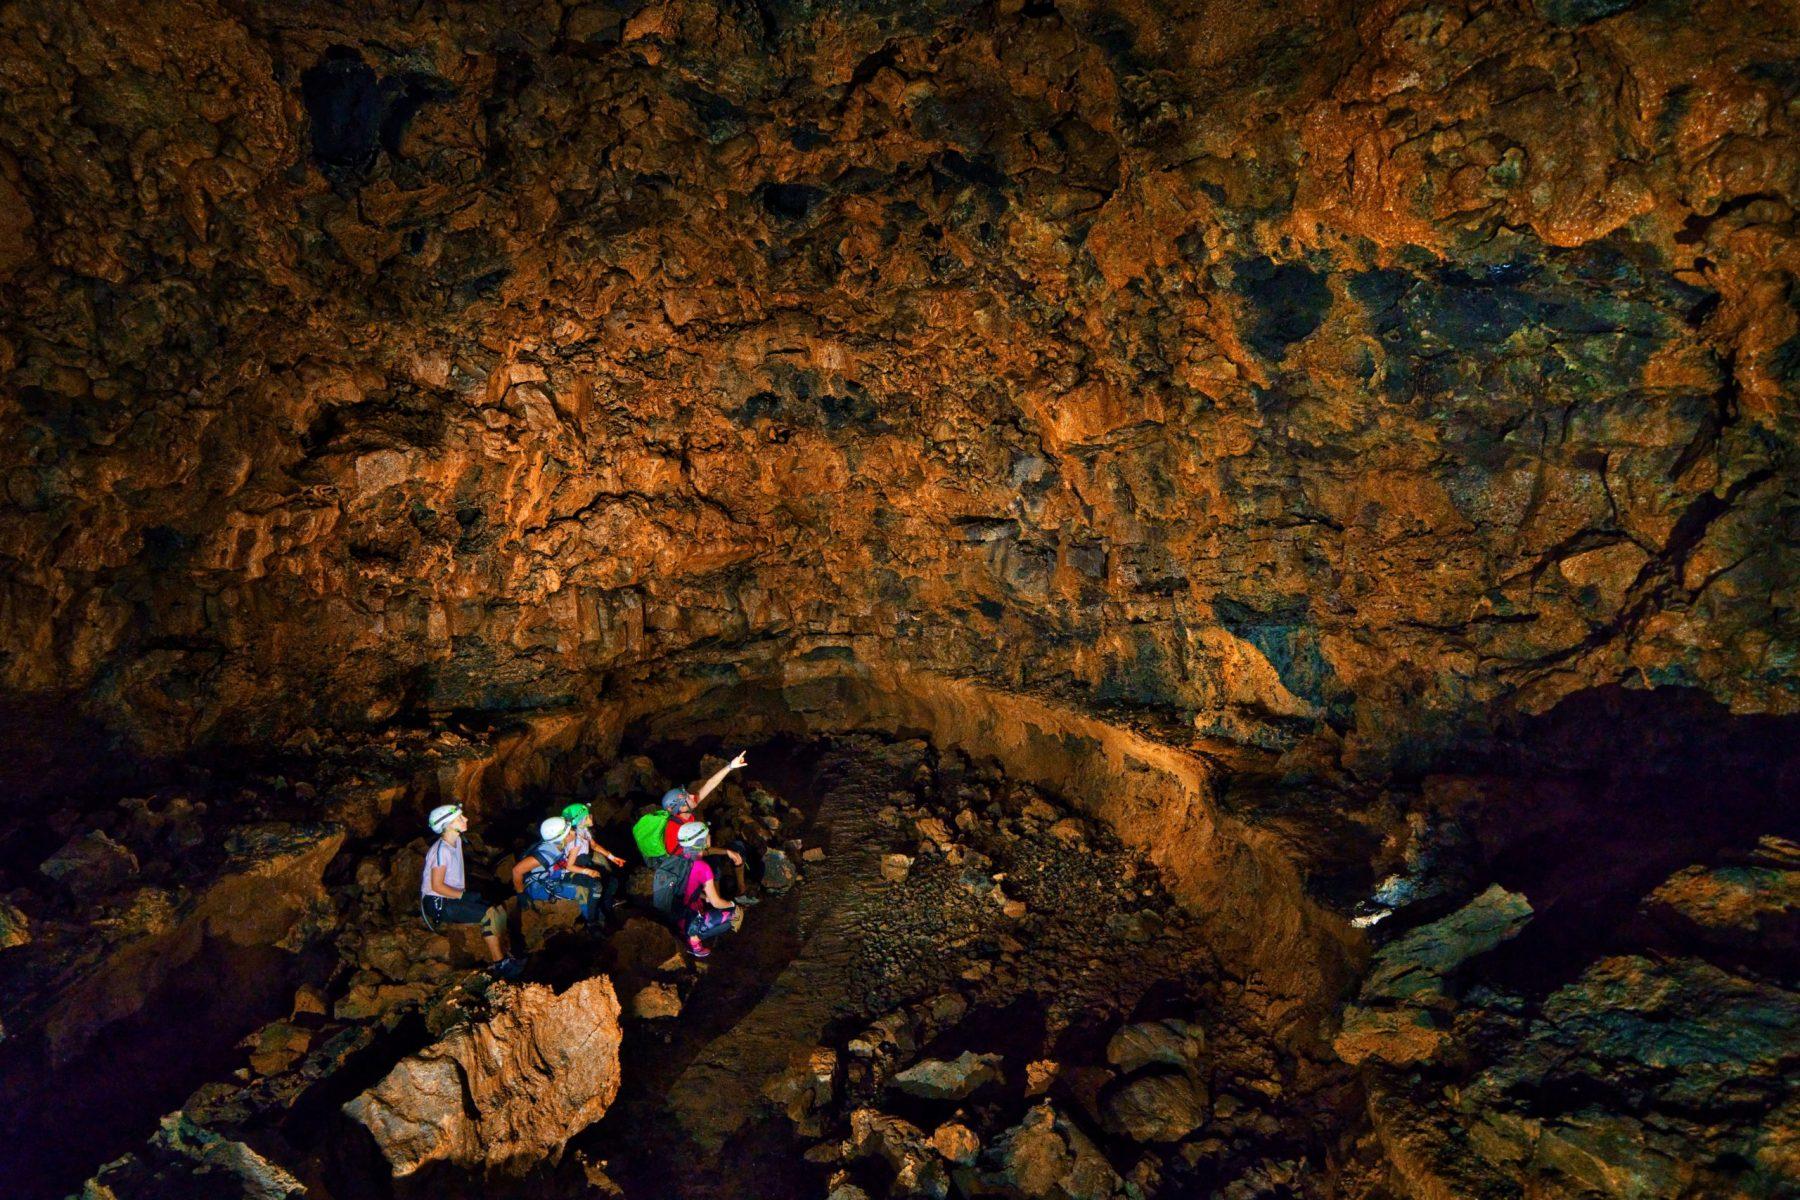 plus-grosse-salle-de-La-Réunion-Tunnel-bassin-bleu-scaled